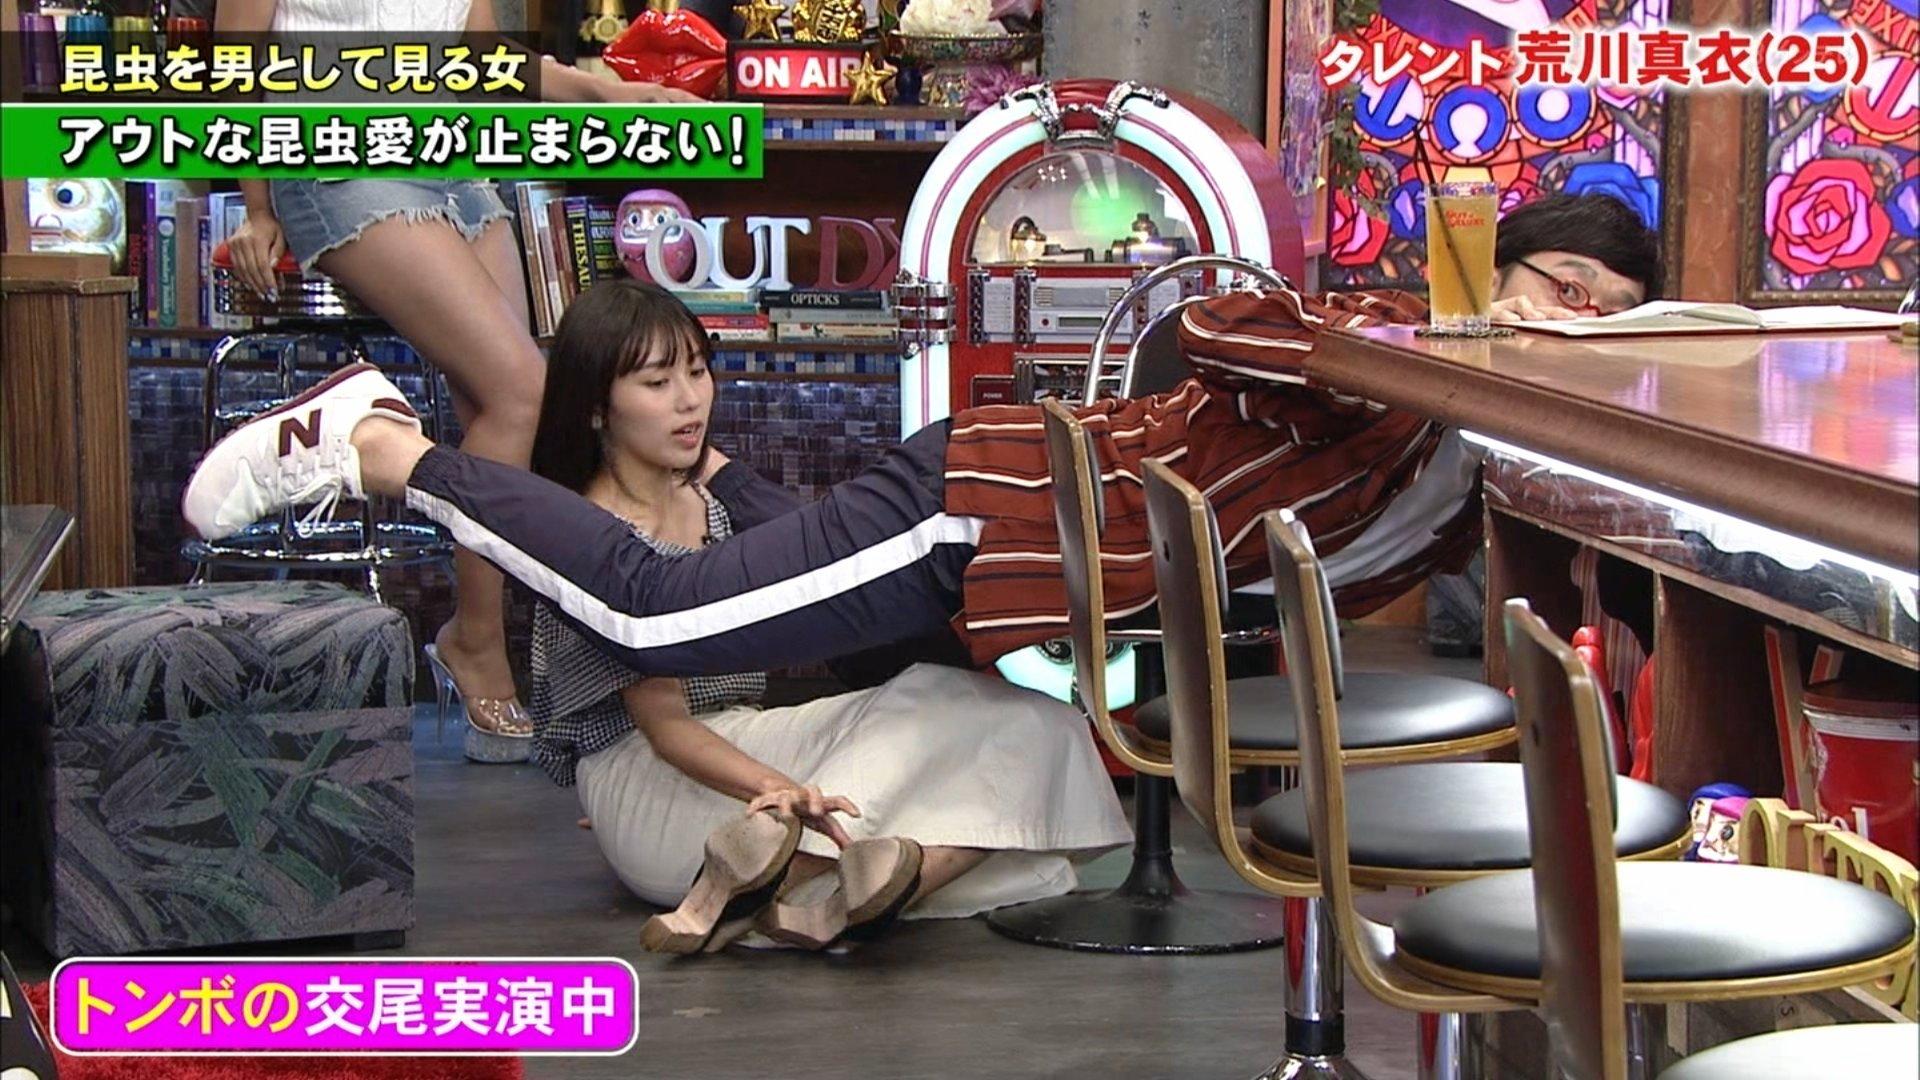 2019年10月10日に放送された「アウトデラックス」に出演したの荒川真衣さんのテレビキャプチャー画像-016